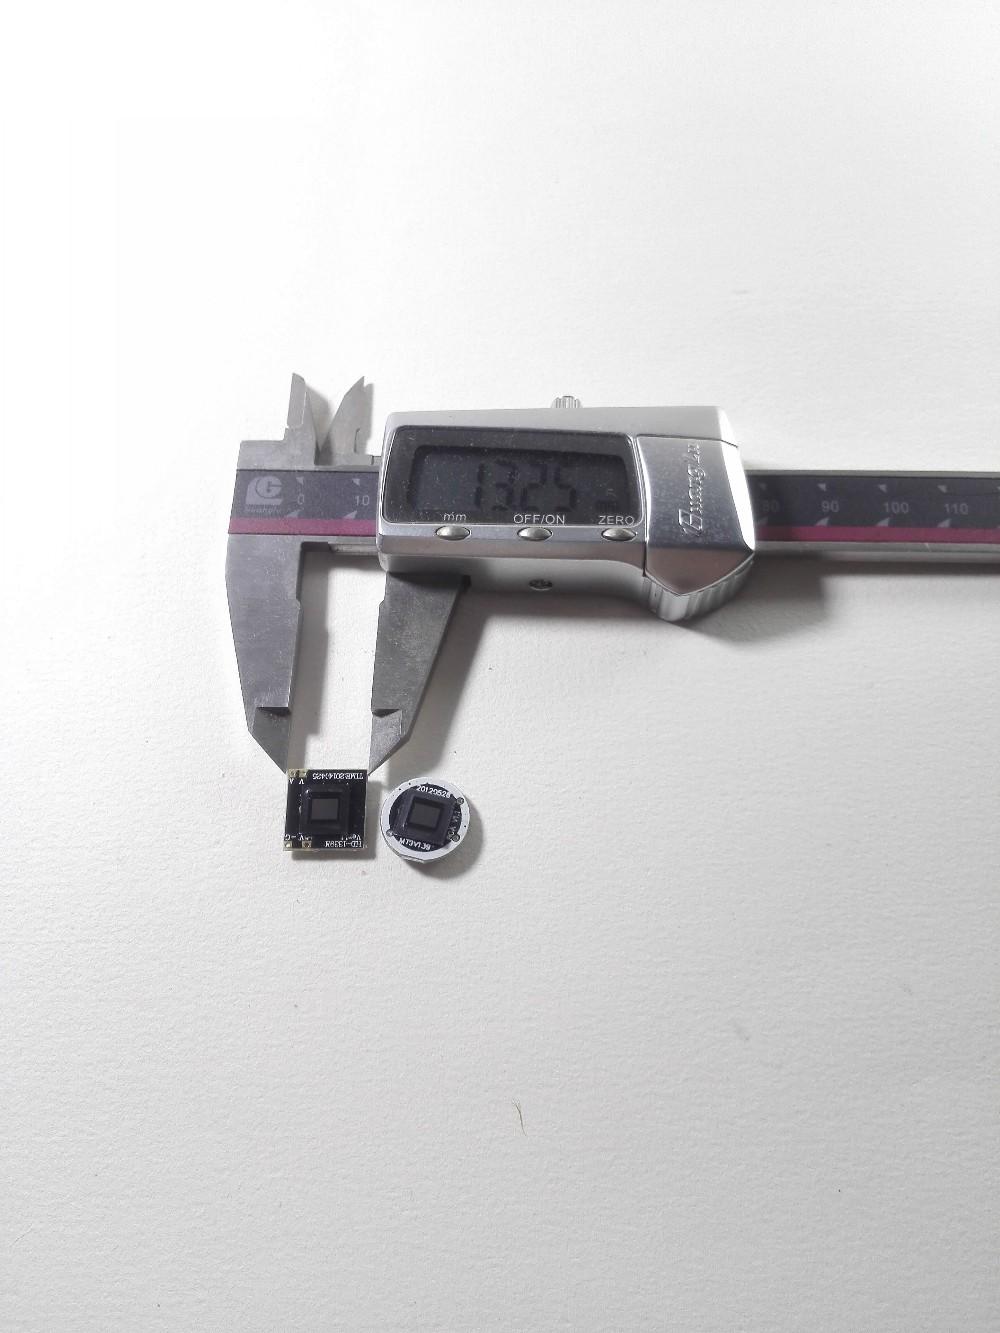 139 cmos sensor 3.7V or 5V power supply HD 700 tvl ine camera board